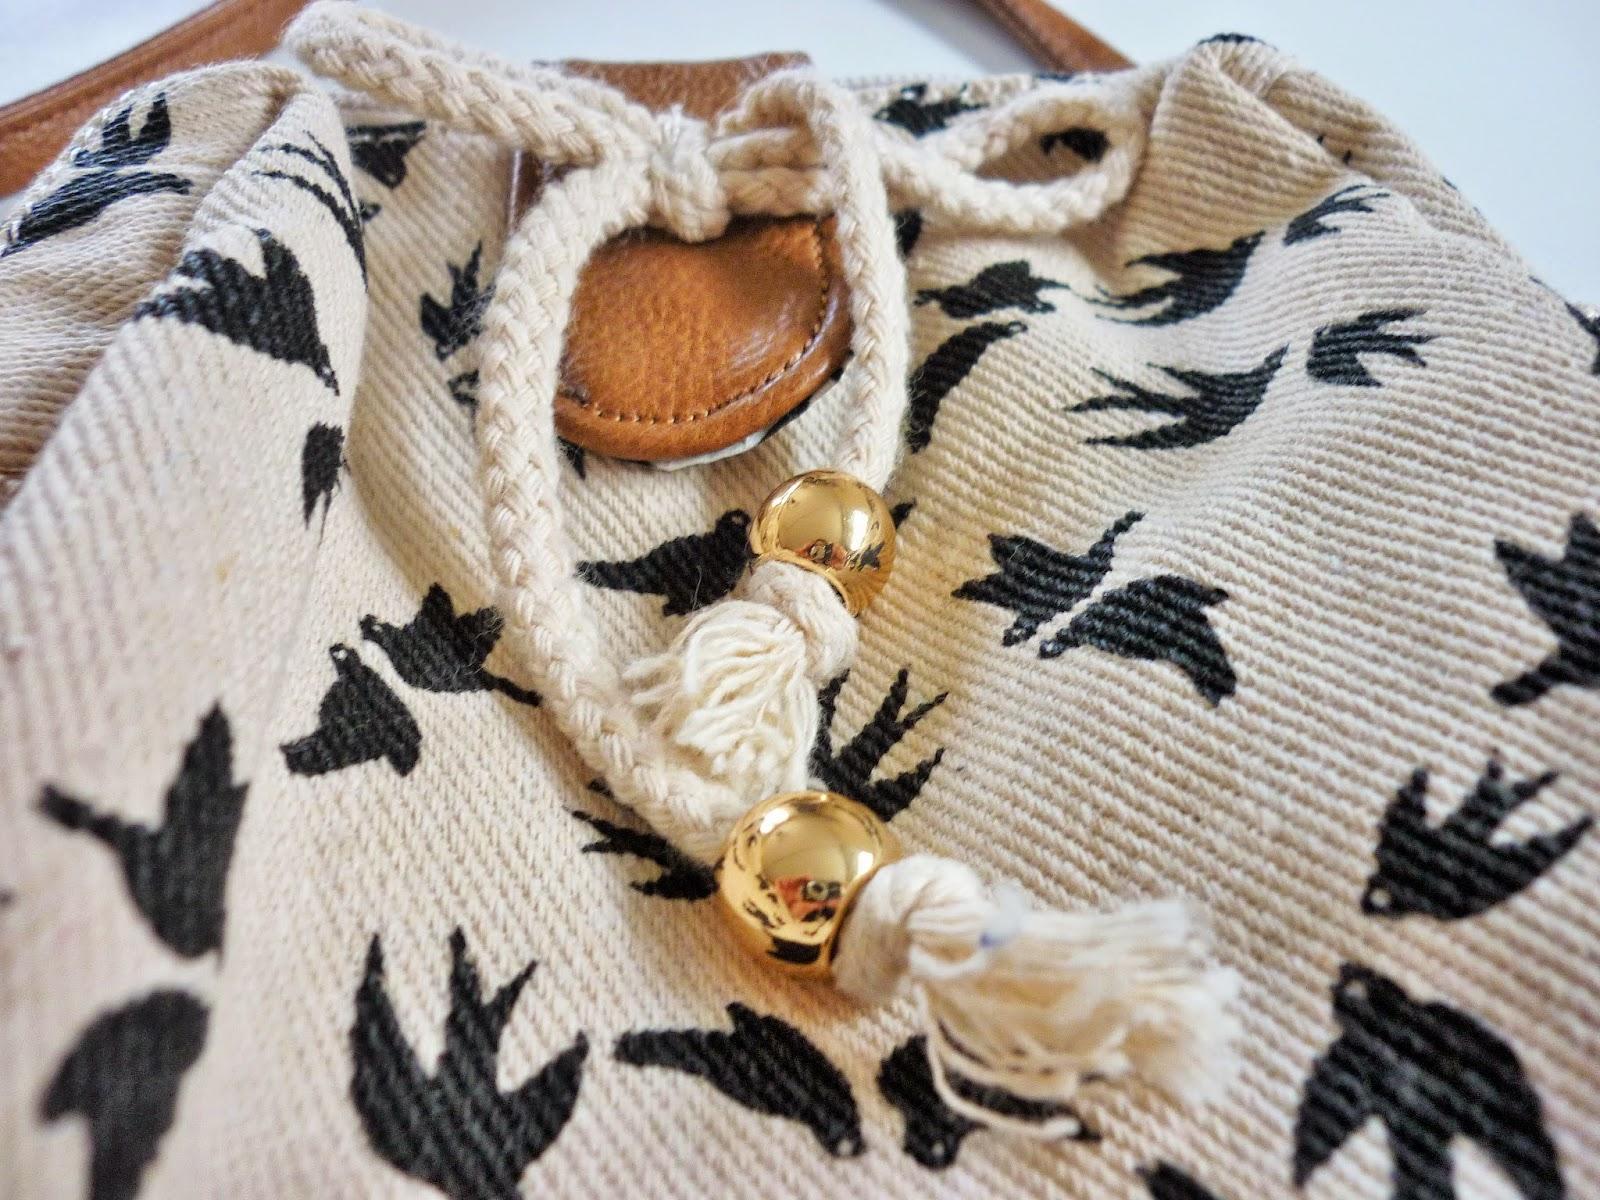 Shopping accessoire sac pochette oiseaux SIXT